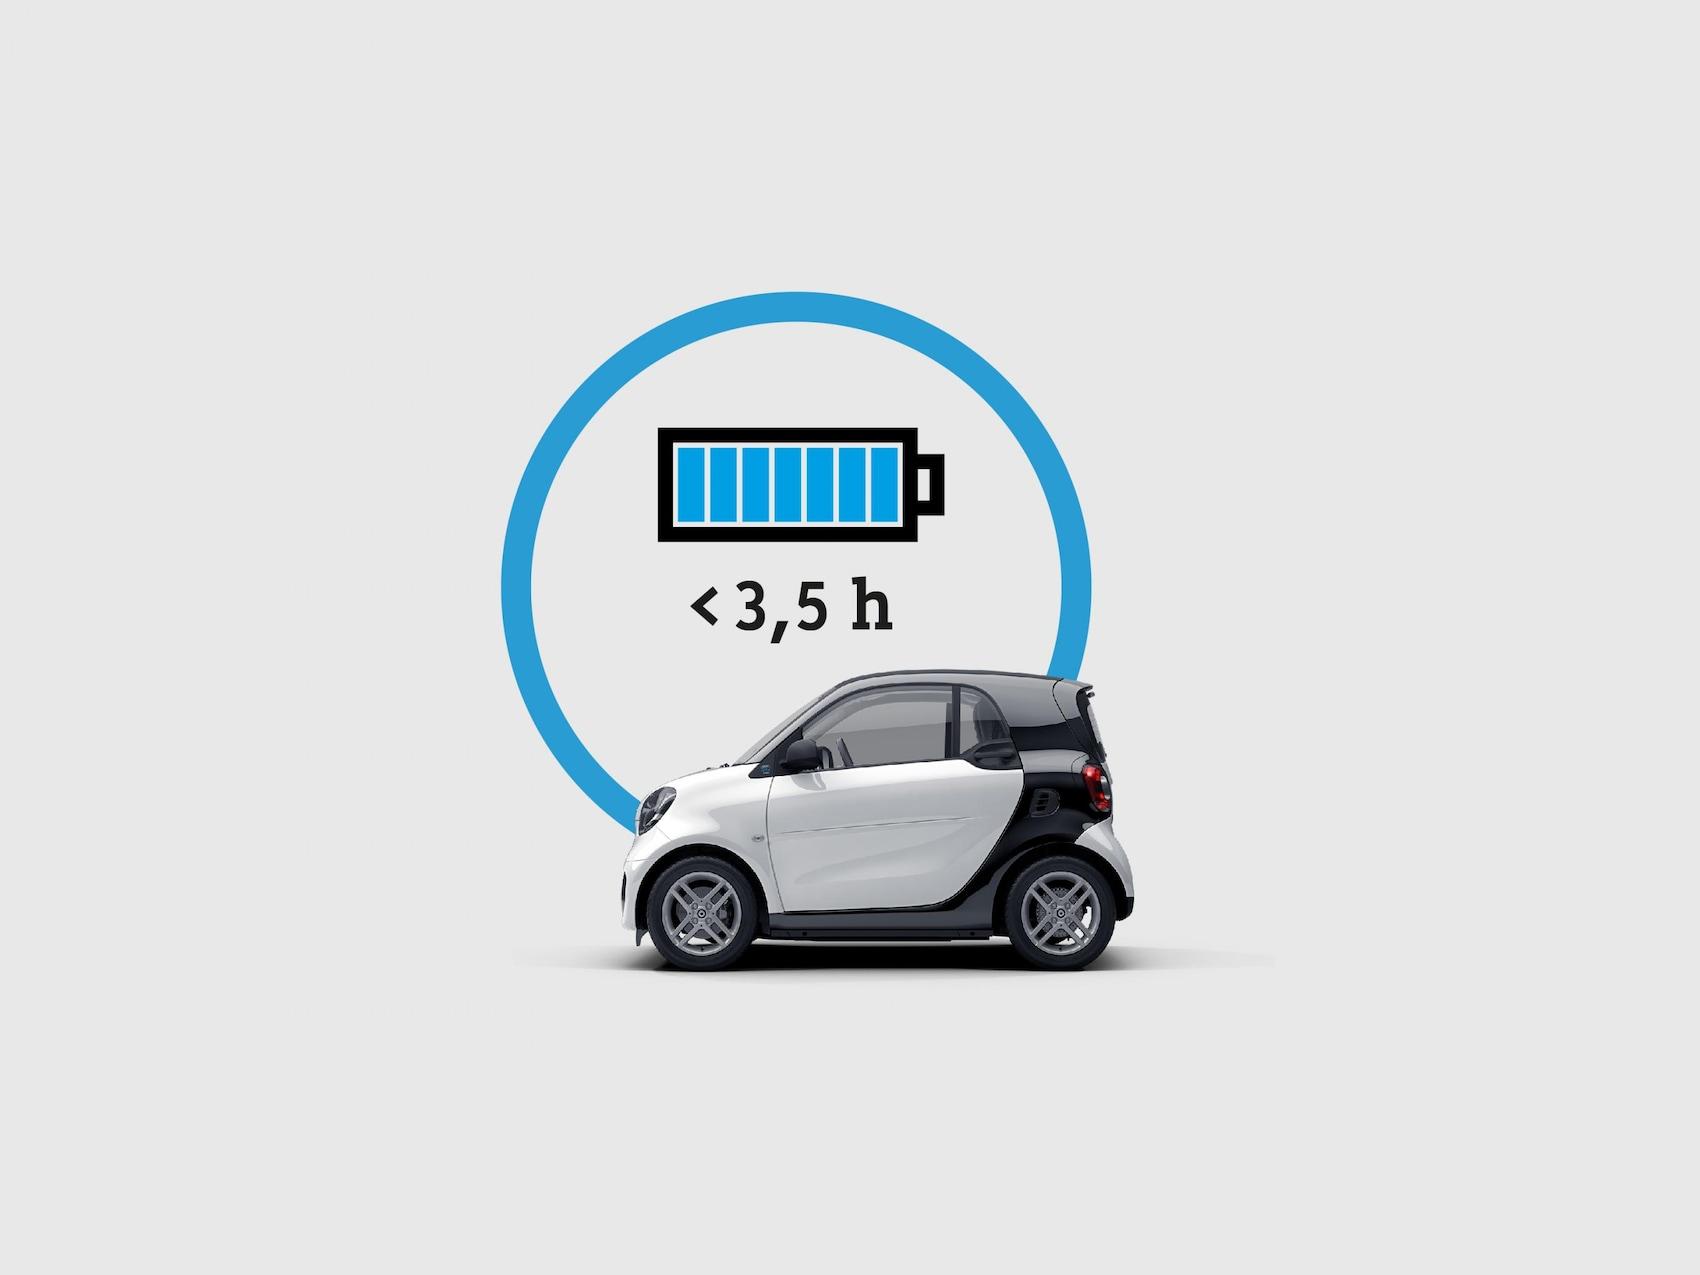 """Πλήρως φορτισμένη μπαταρία που δείχνει ότι το smart φορτίζει """"< 3,5h"""" με φορτιστή 22 kW."""